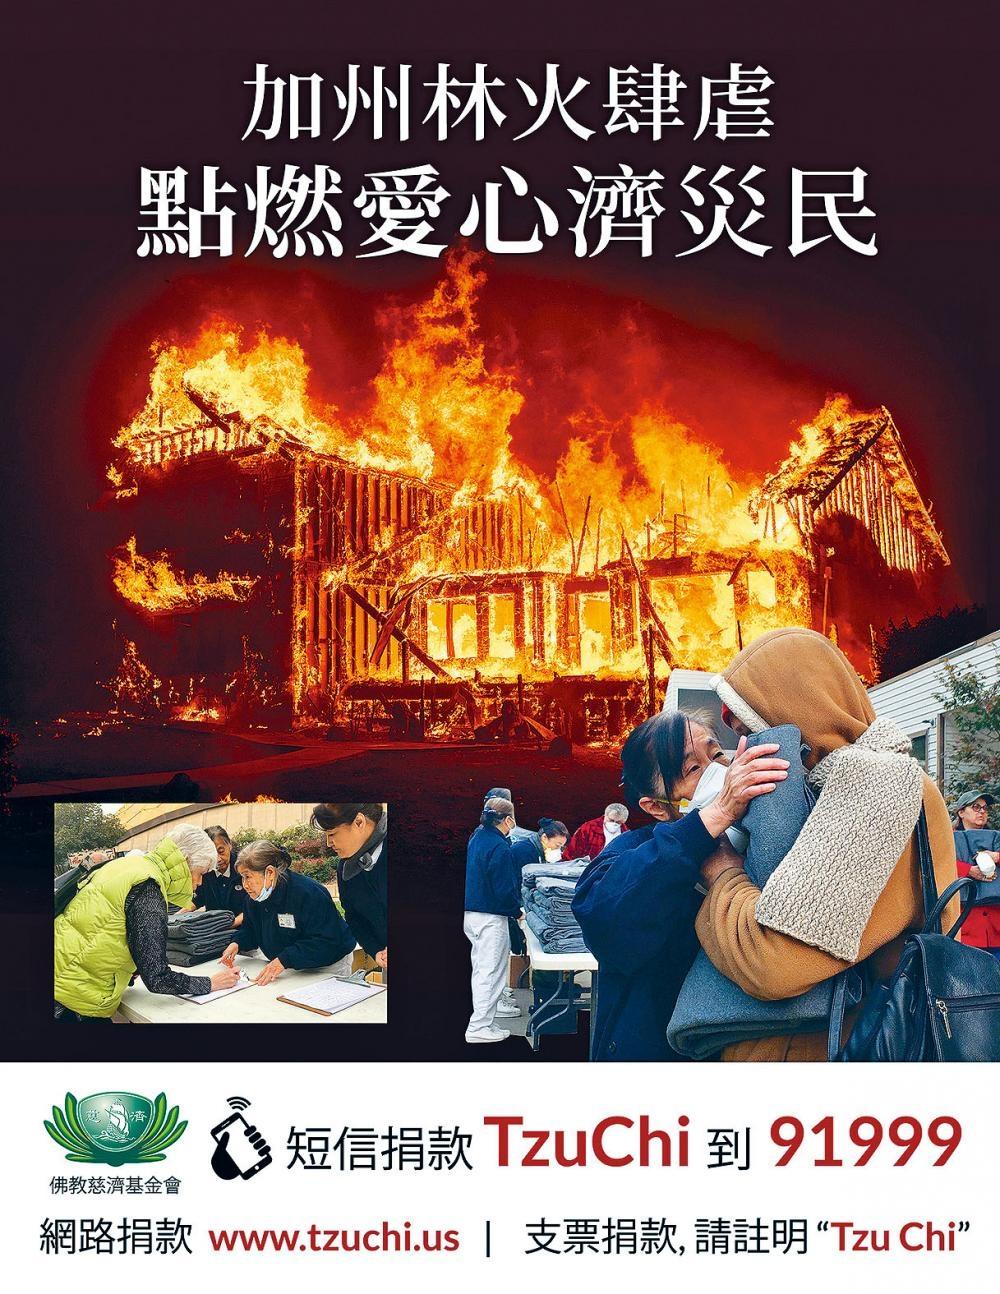 加州山火成災,慈濟佛教基金會在全美20個州,超過150個據點進行街頭募心募款濟災民活動。